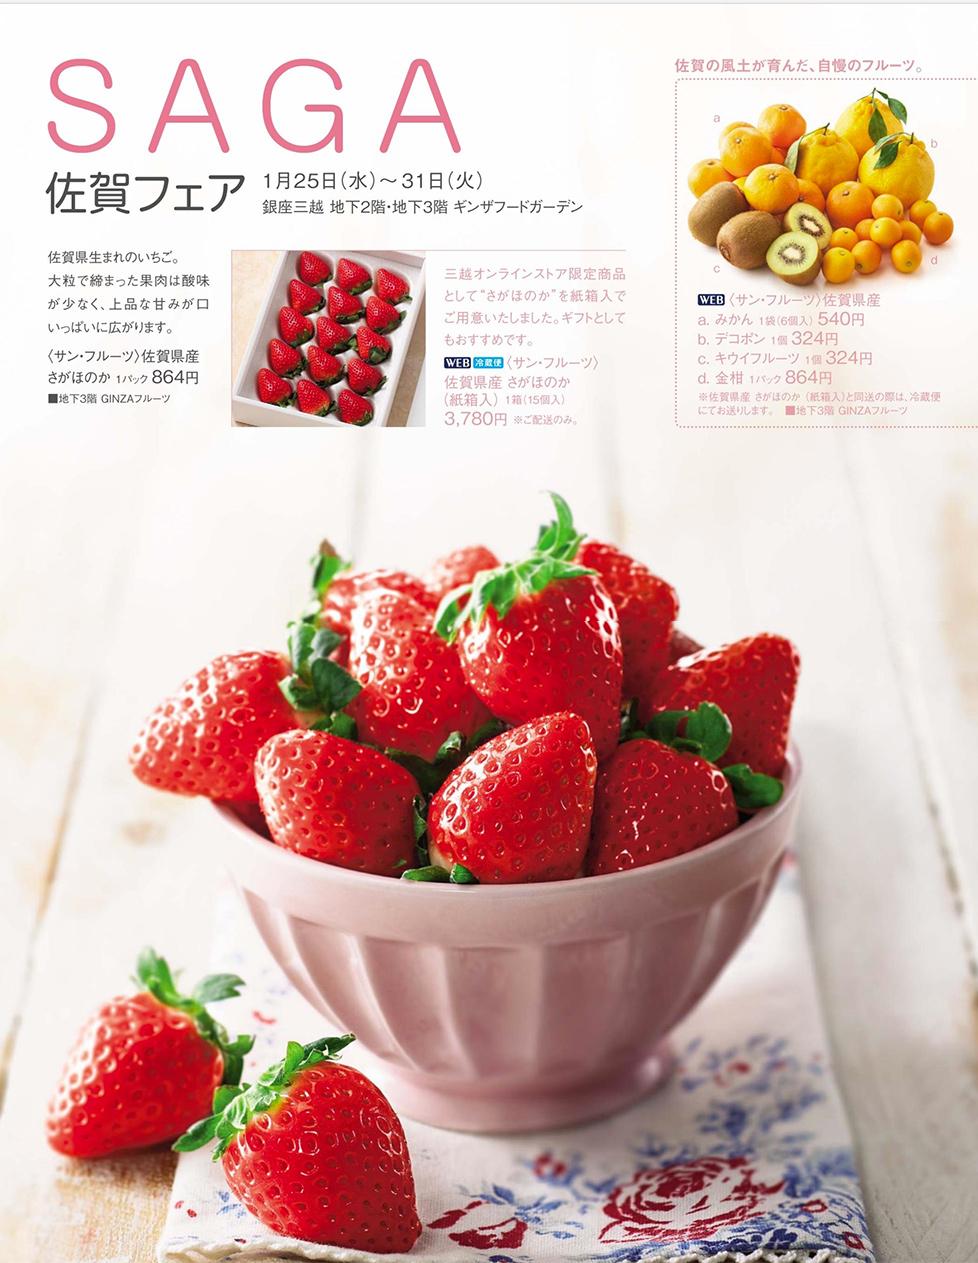 SAGAフェア in 東京銀座三越店に小城鍋島家Tenが出店しています!